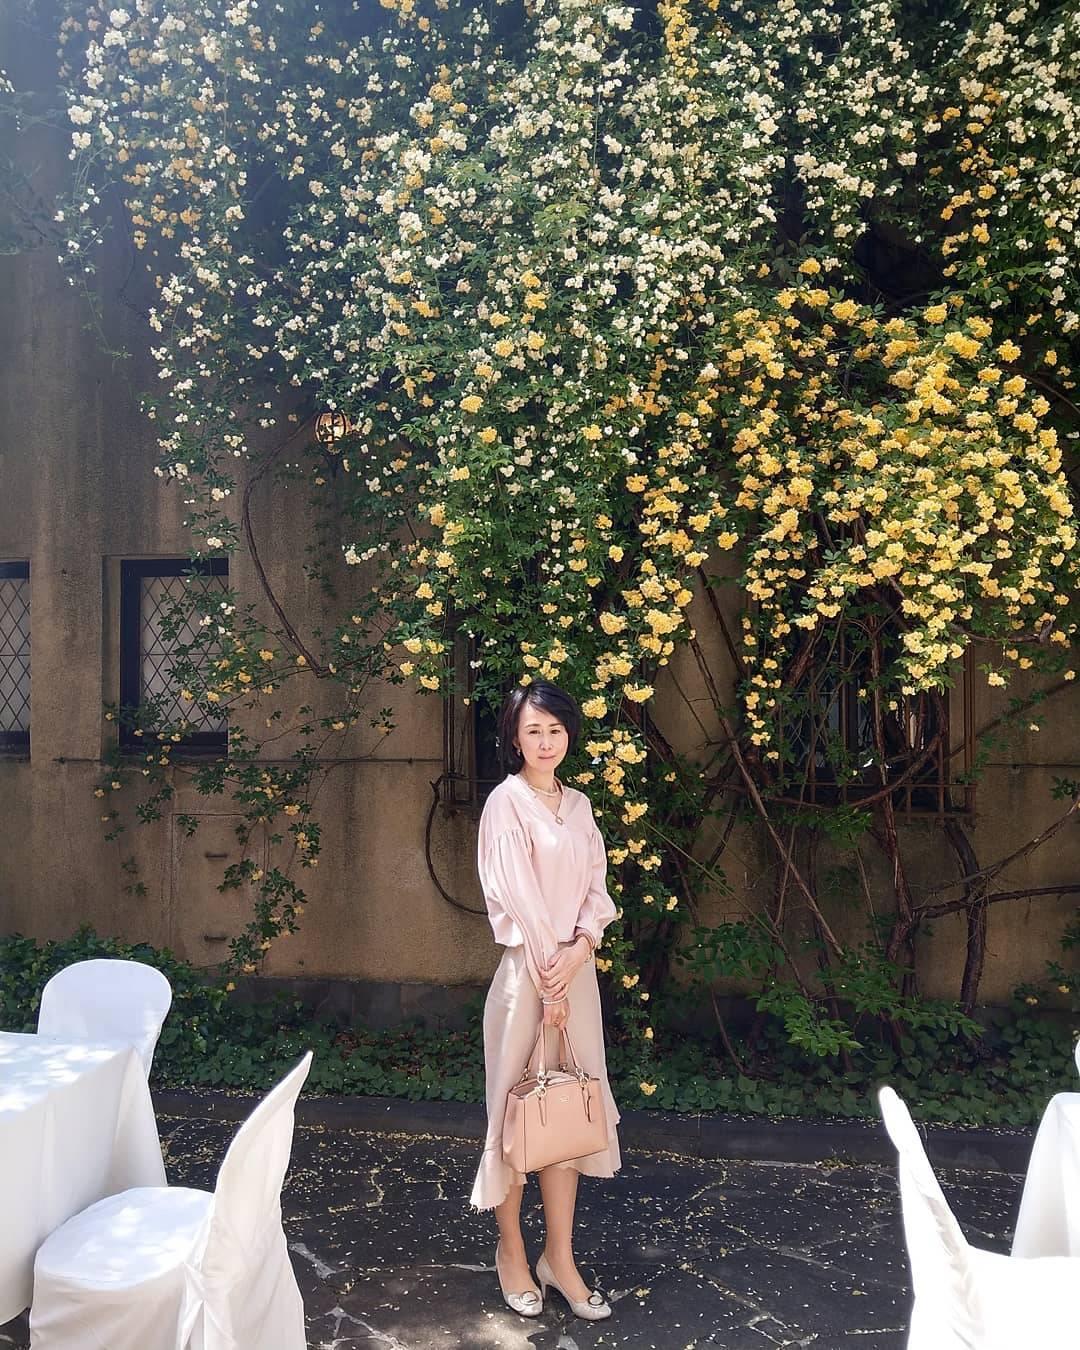 モッコウバラが咲き乱れるパティオ